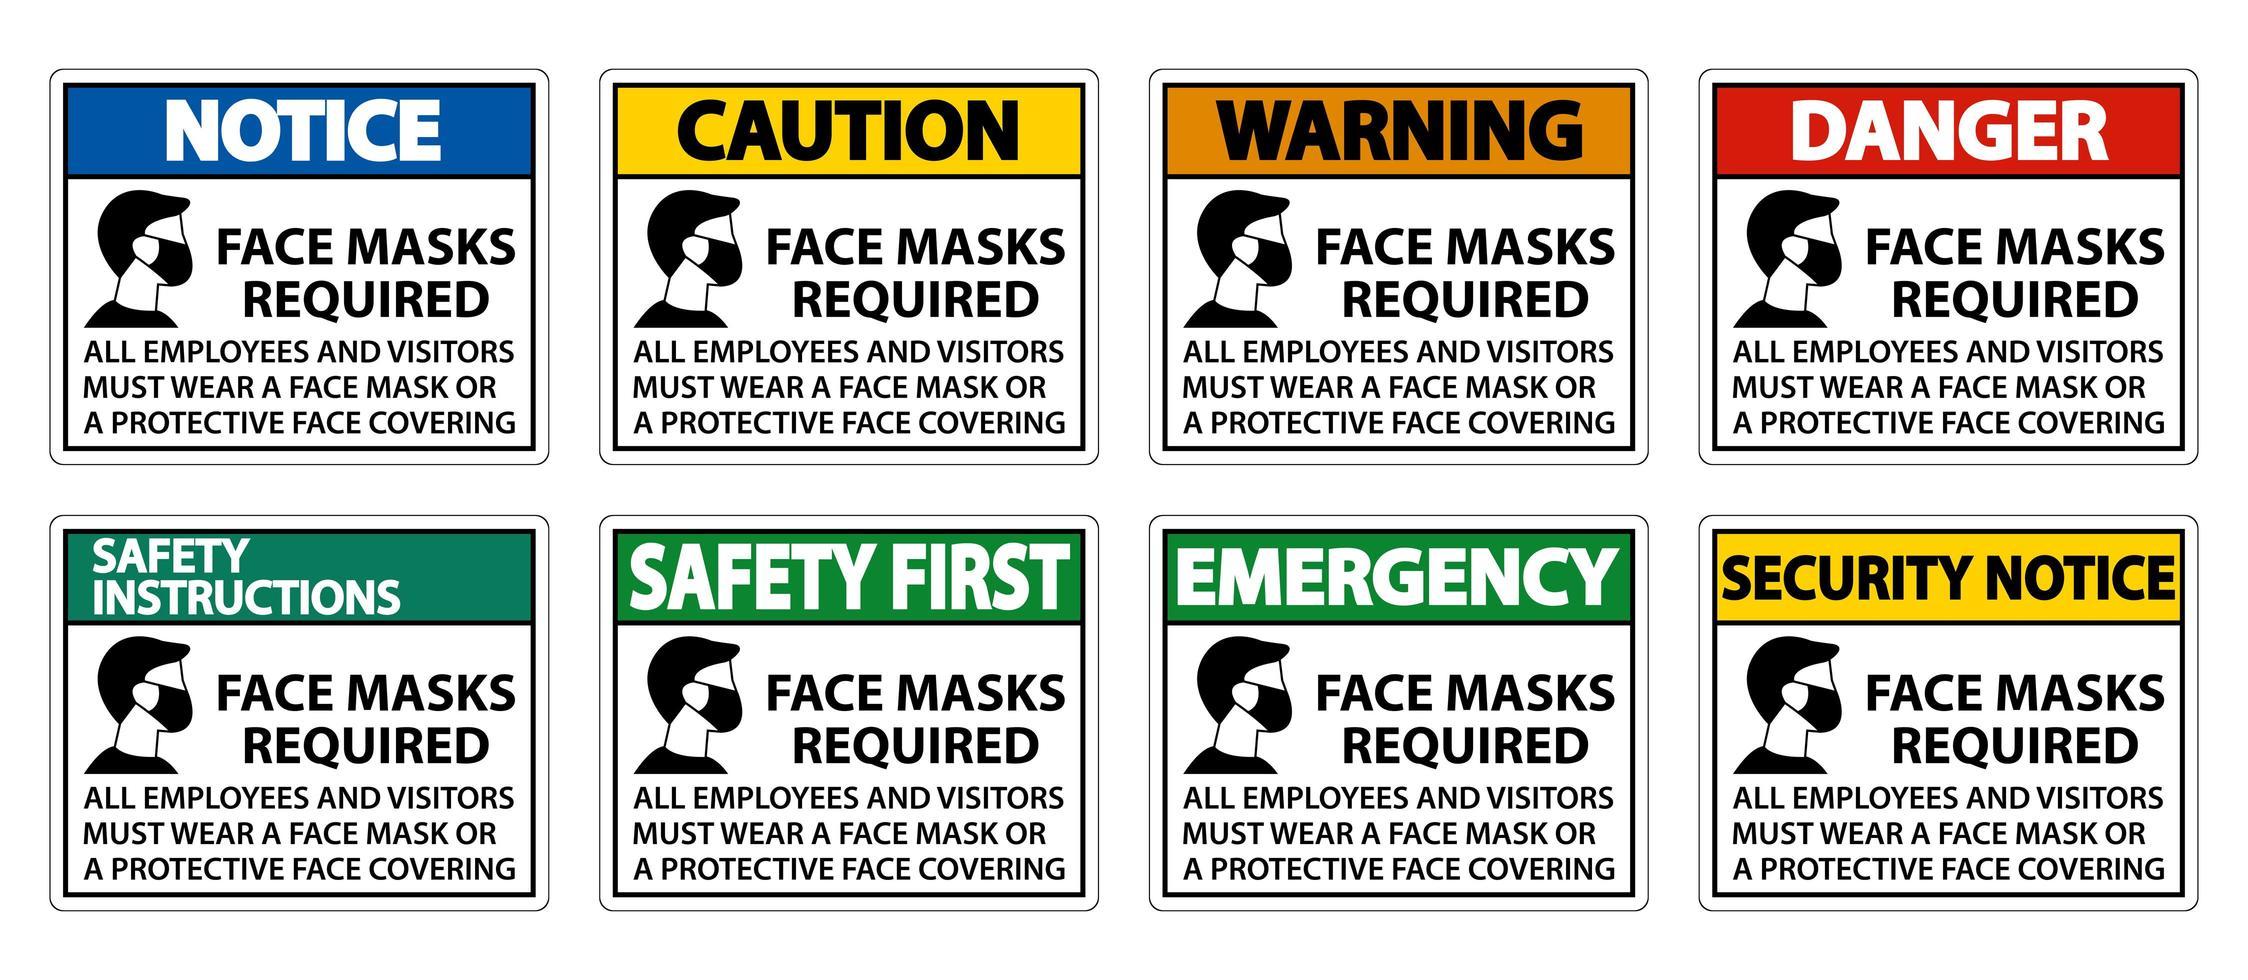 maschere per il viso obbligatorie segno vettore